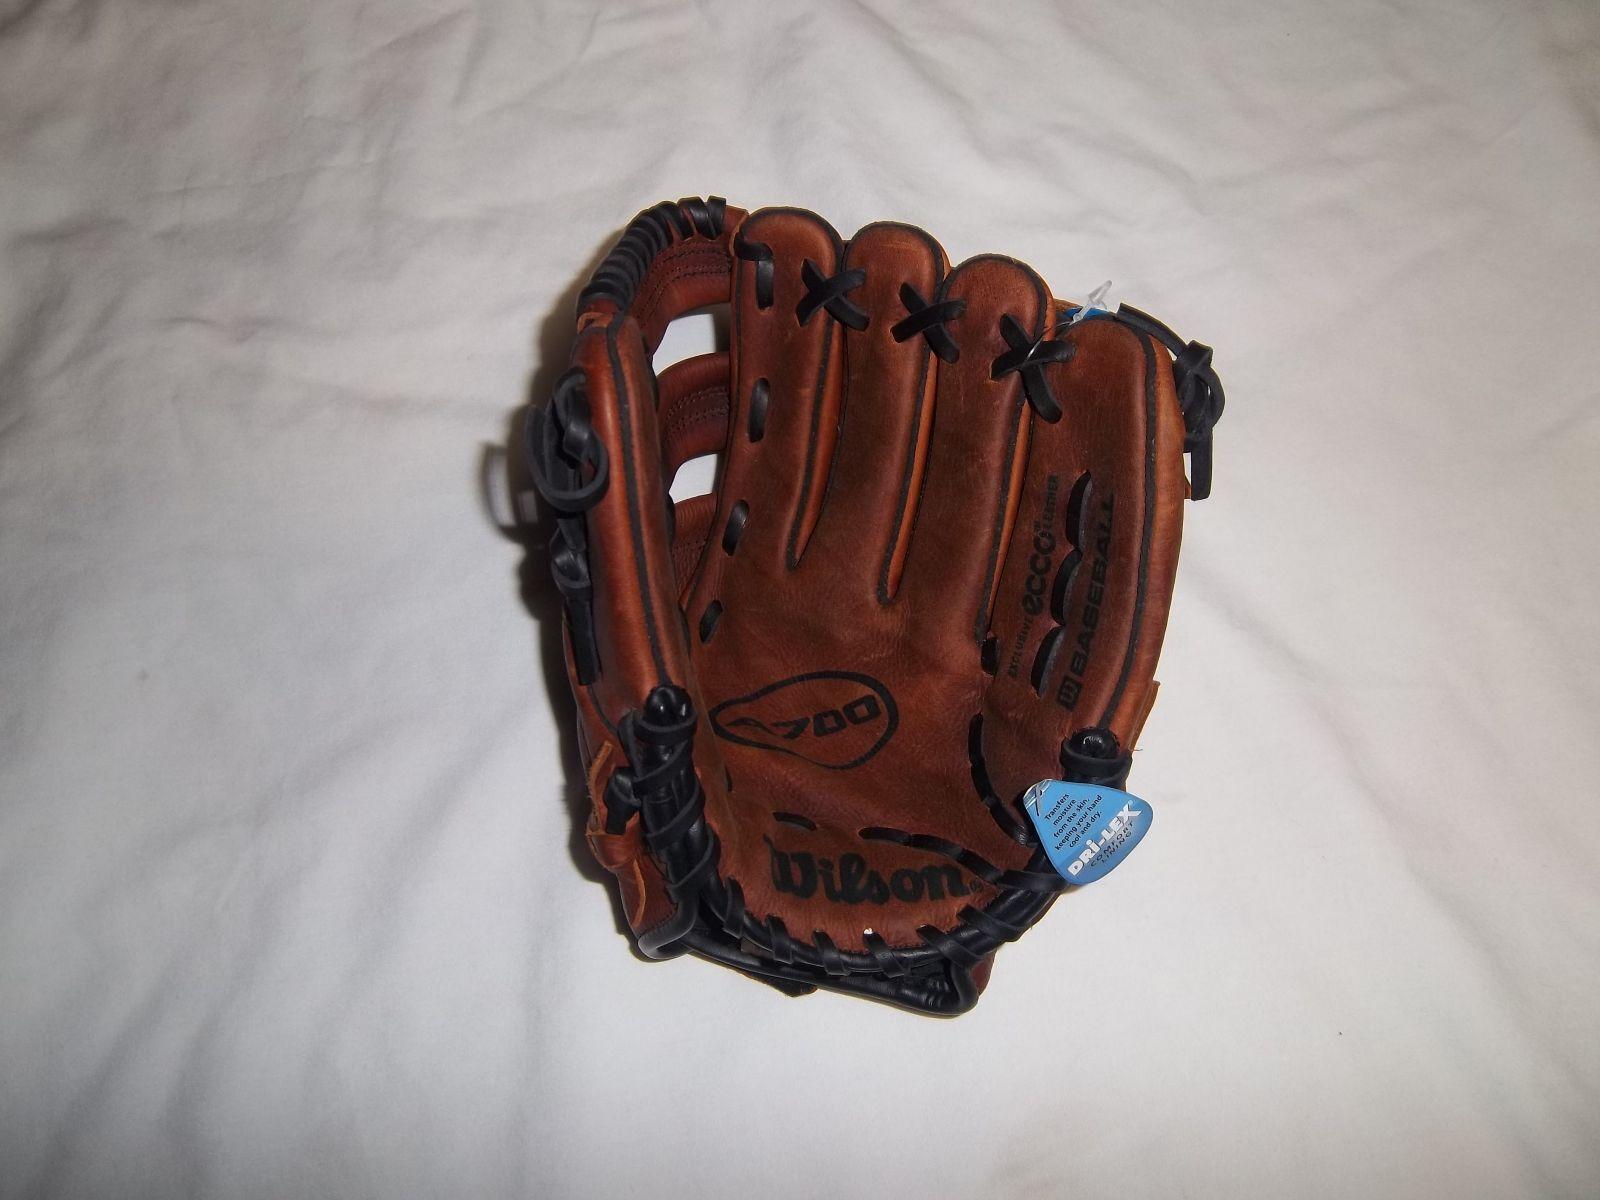 Wilson A0700 Guante de béisbol Lanzador-Mano Derecha-va en la mano izquierda